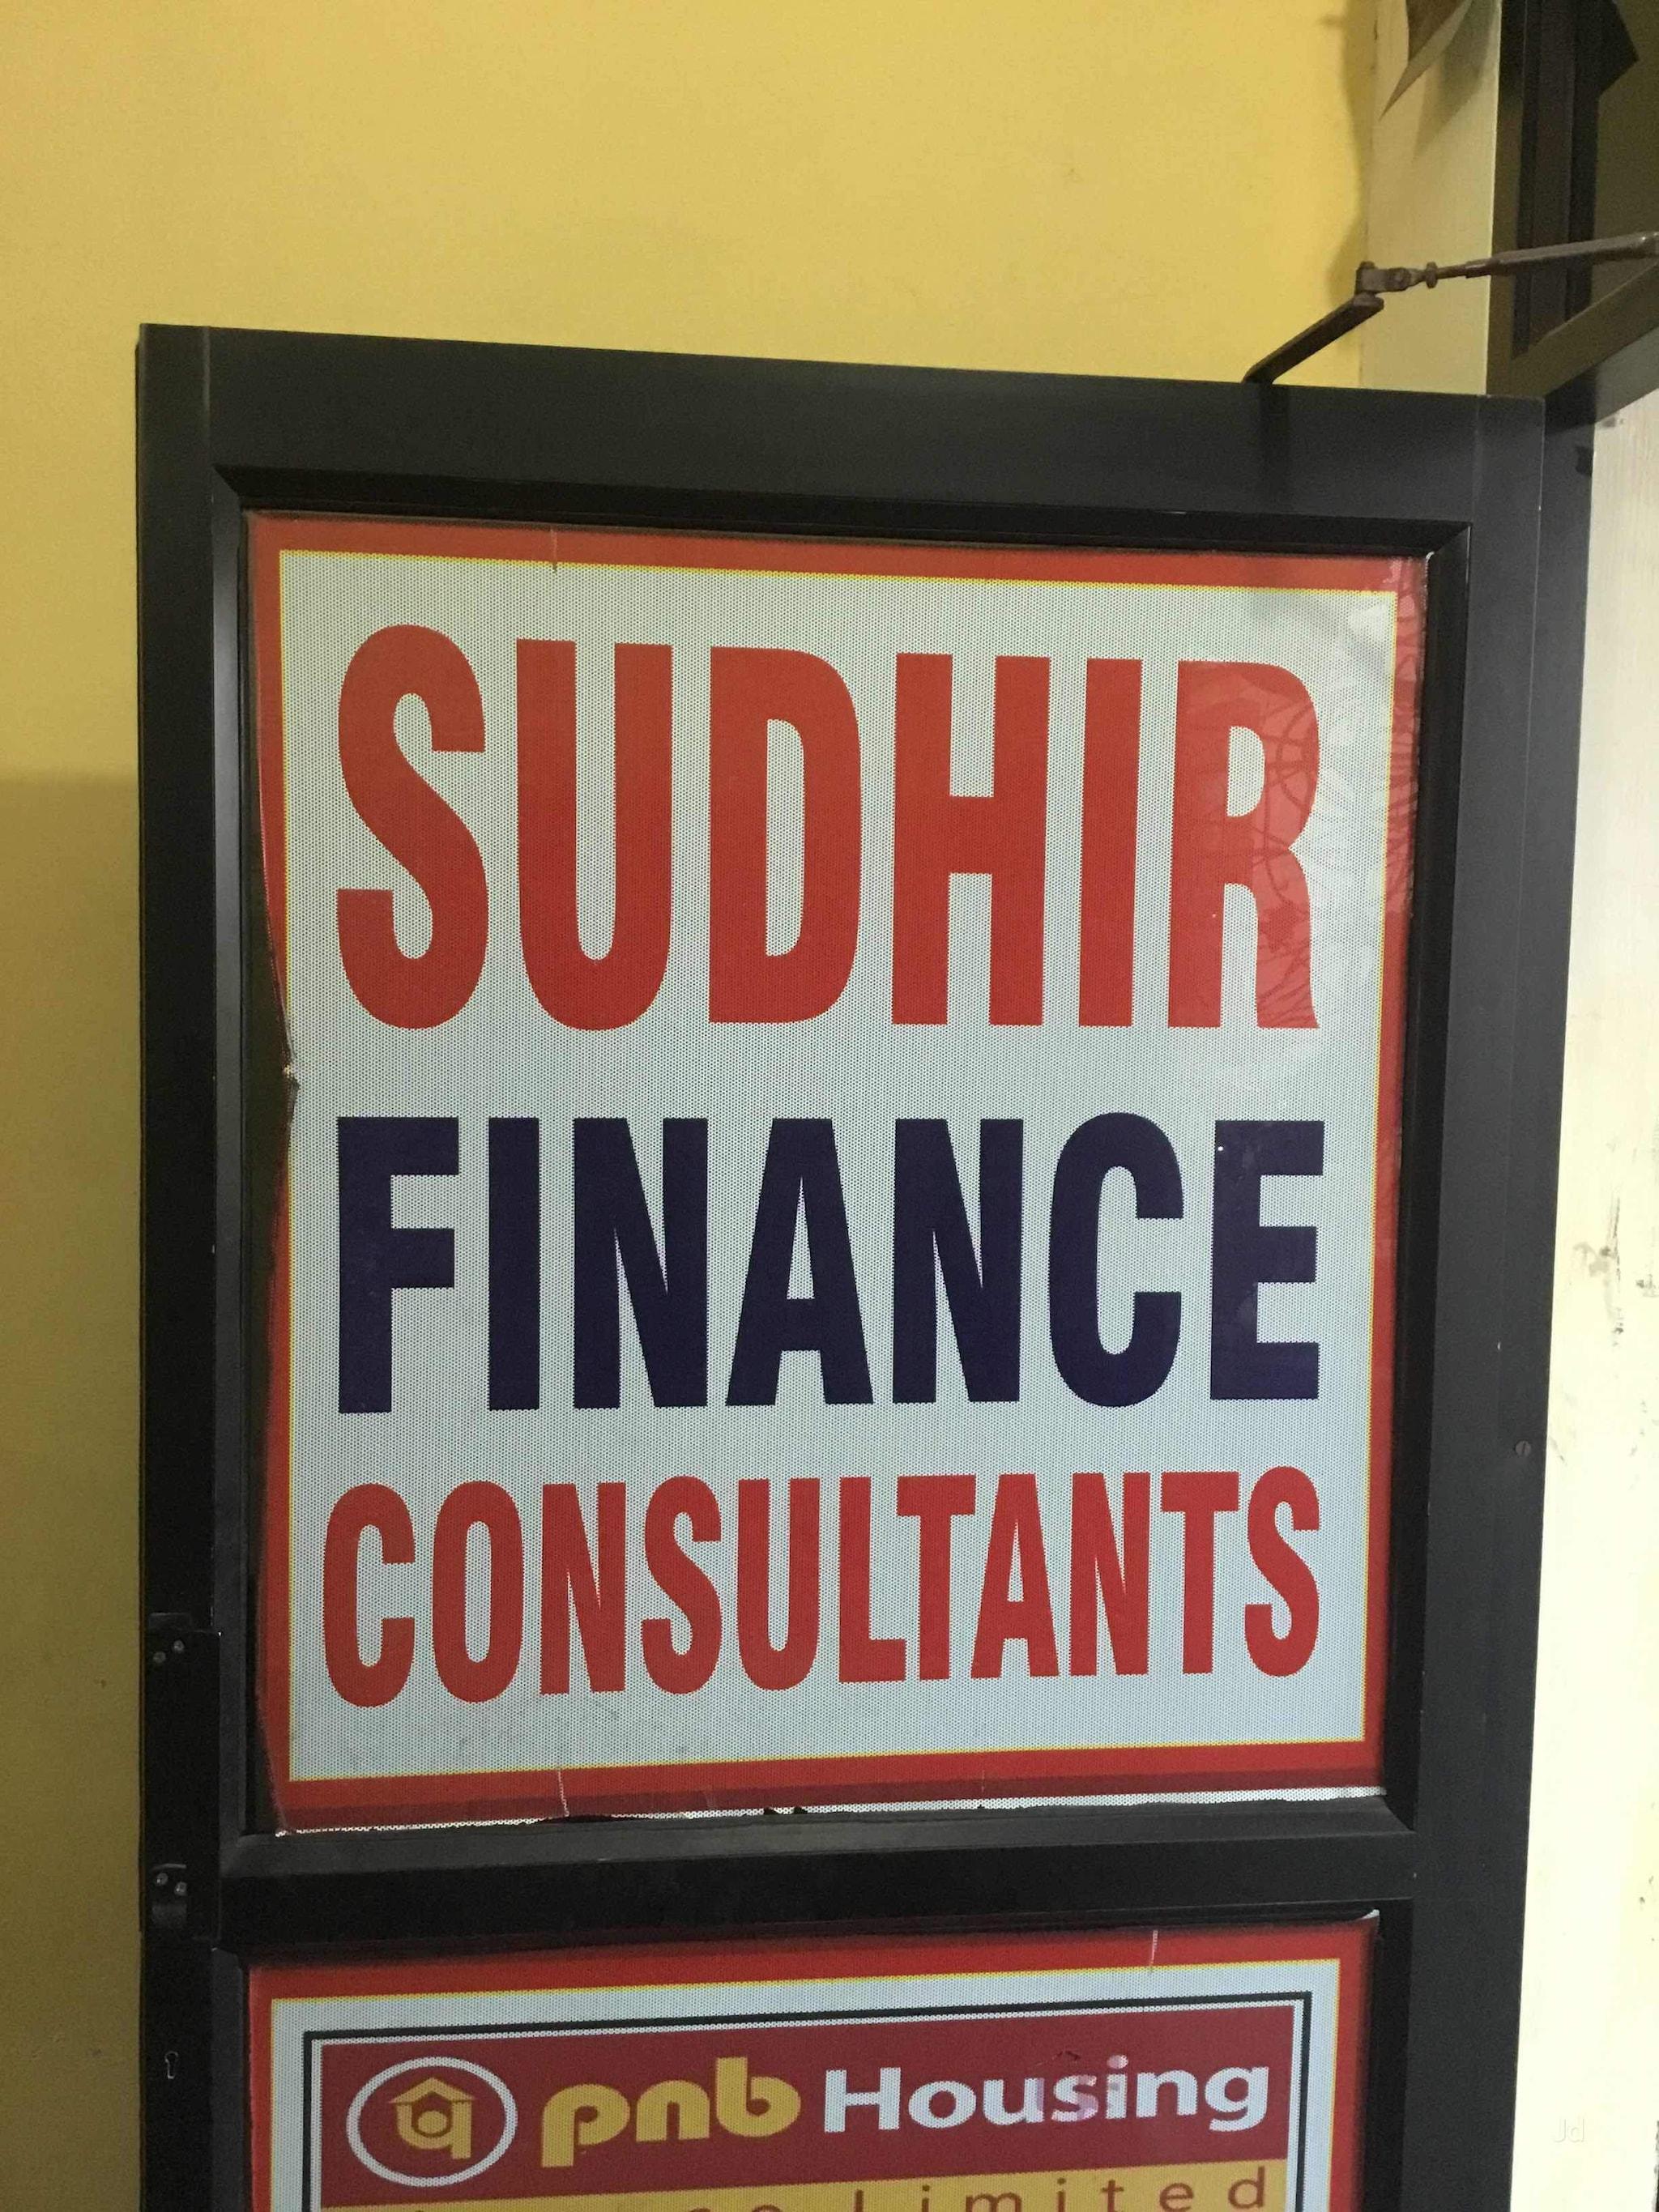 Top Hsbc Mutual Fund Agents in Nehru Nagar - Best Hsbc Mutual Fund